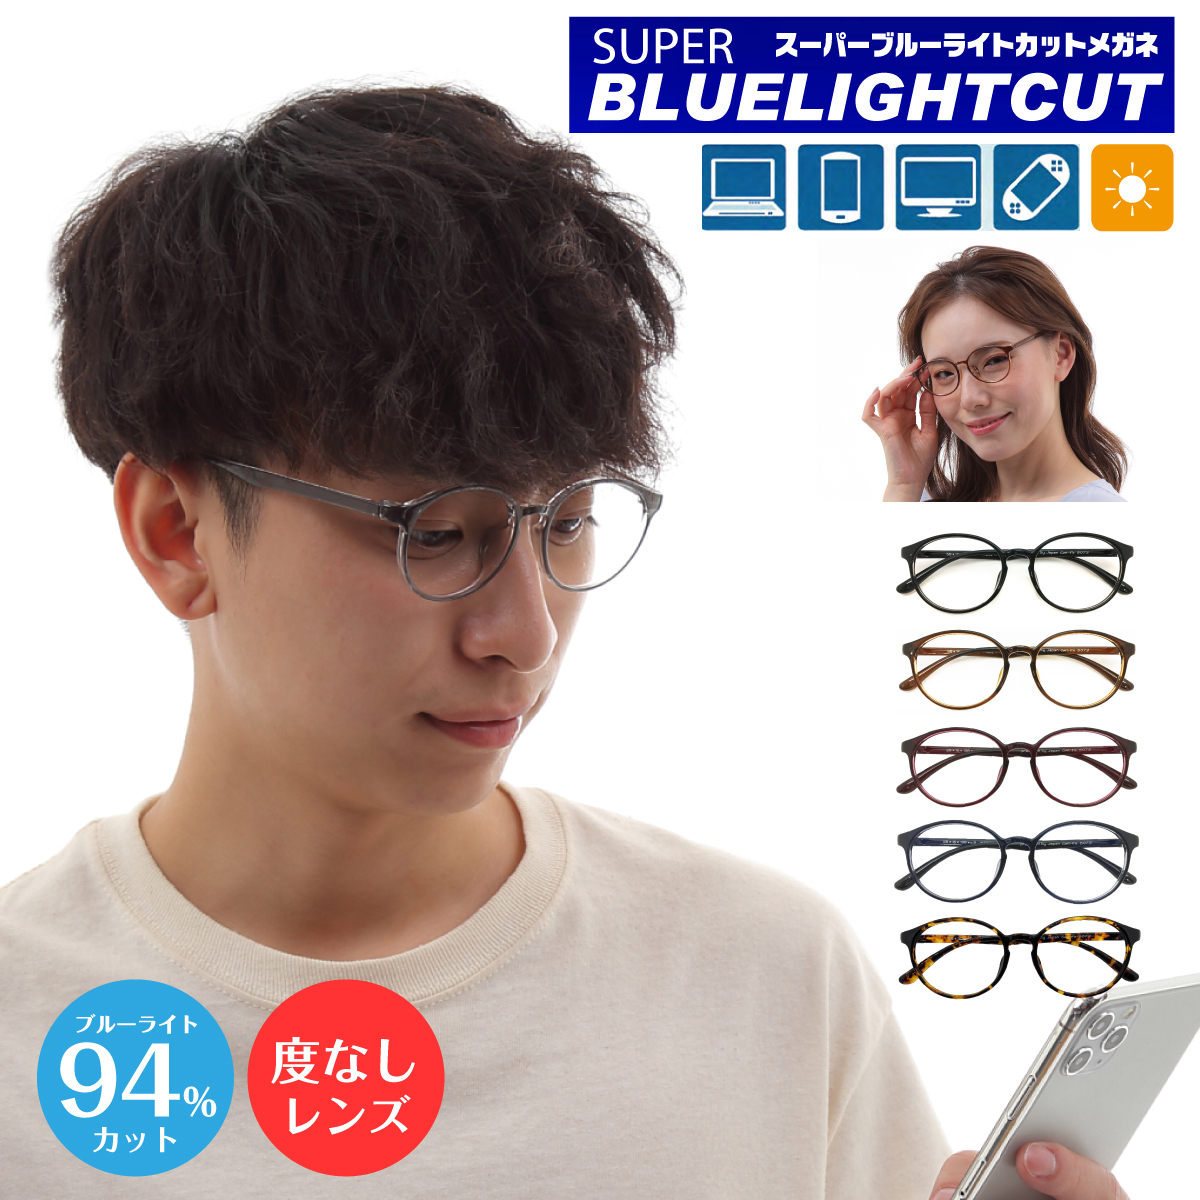 ブルーライトカット94% UV100% 紫外線カット おしゃれ かっこいい 年中無休 定番スタイル あす楽 度なし 伊達メガネ スーパーブルーライトカット 94% ボストン 丸眼鏡 UV420 プレゼント 男性 ギフト 女性 高級品 ブルーライトカット PCメガネ メンズ パソコンメガネ めがね UVカット スマホメガネ 眼鏡 レディース メガネ